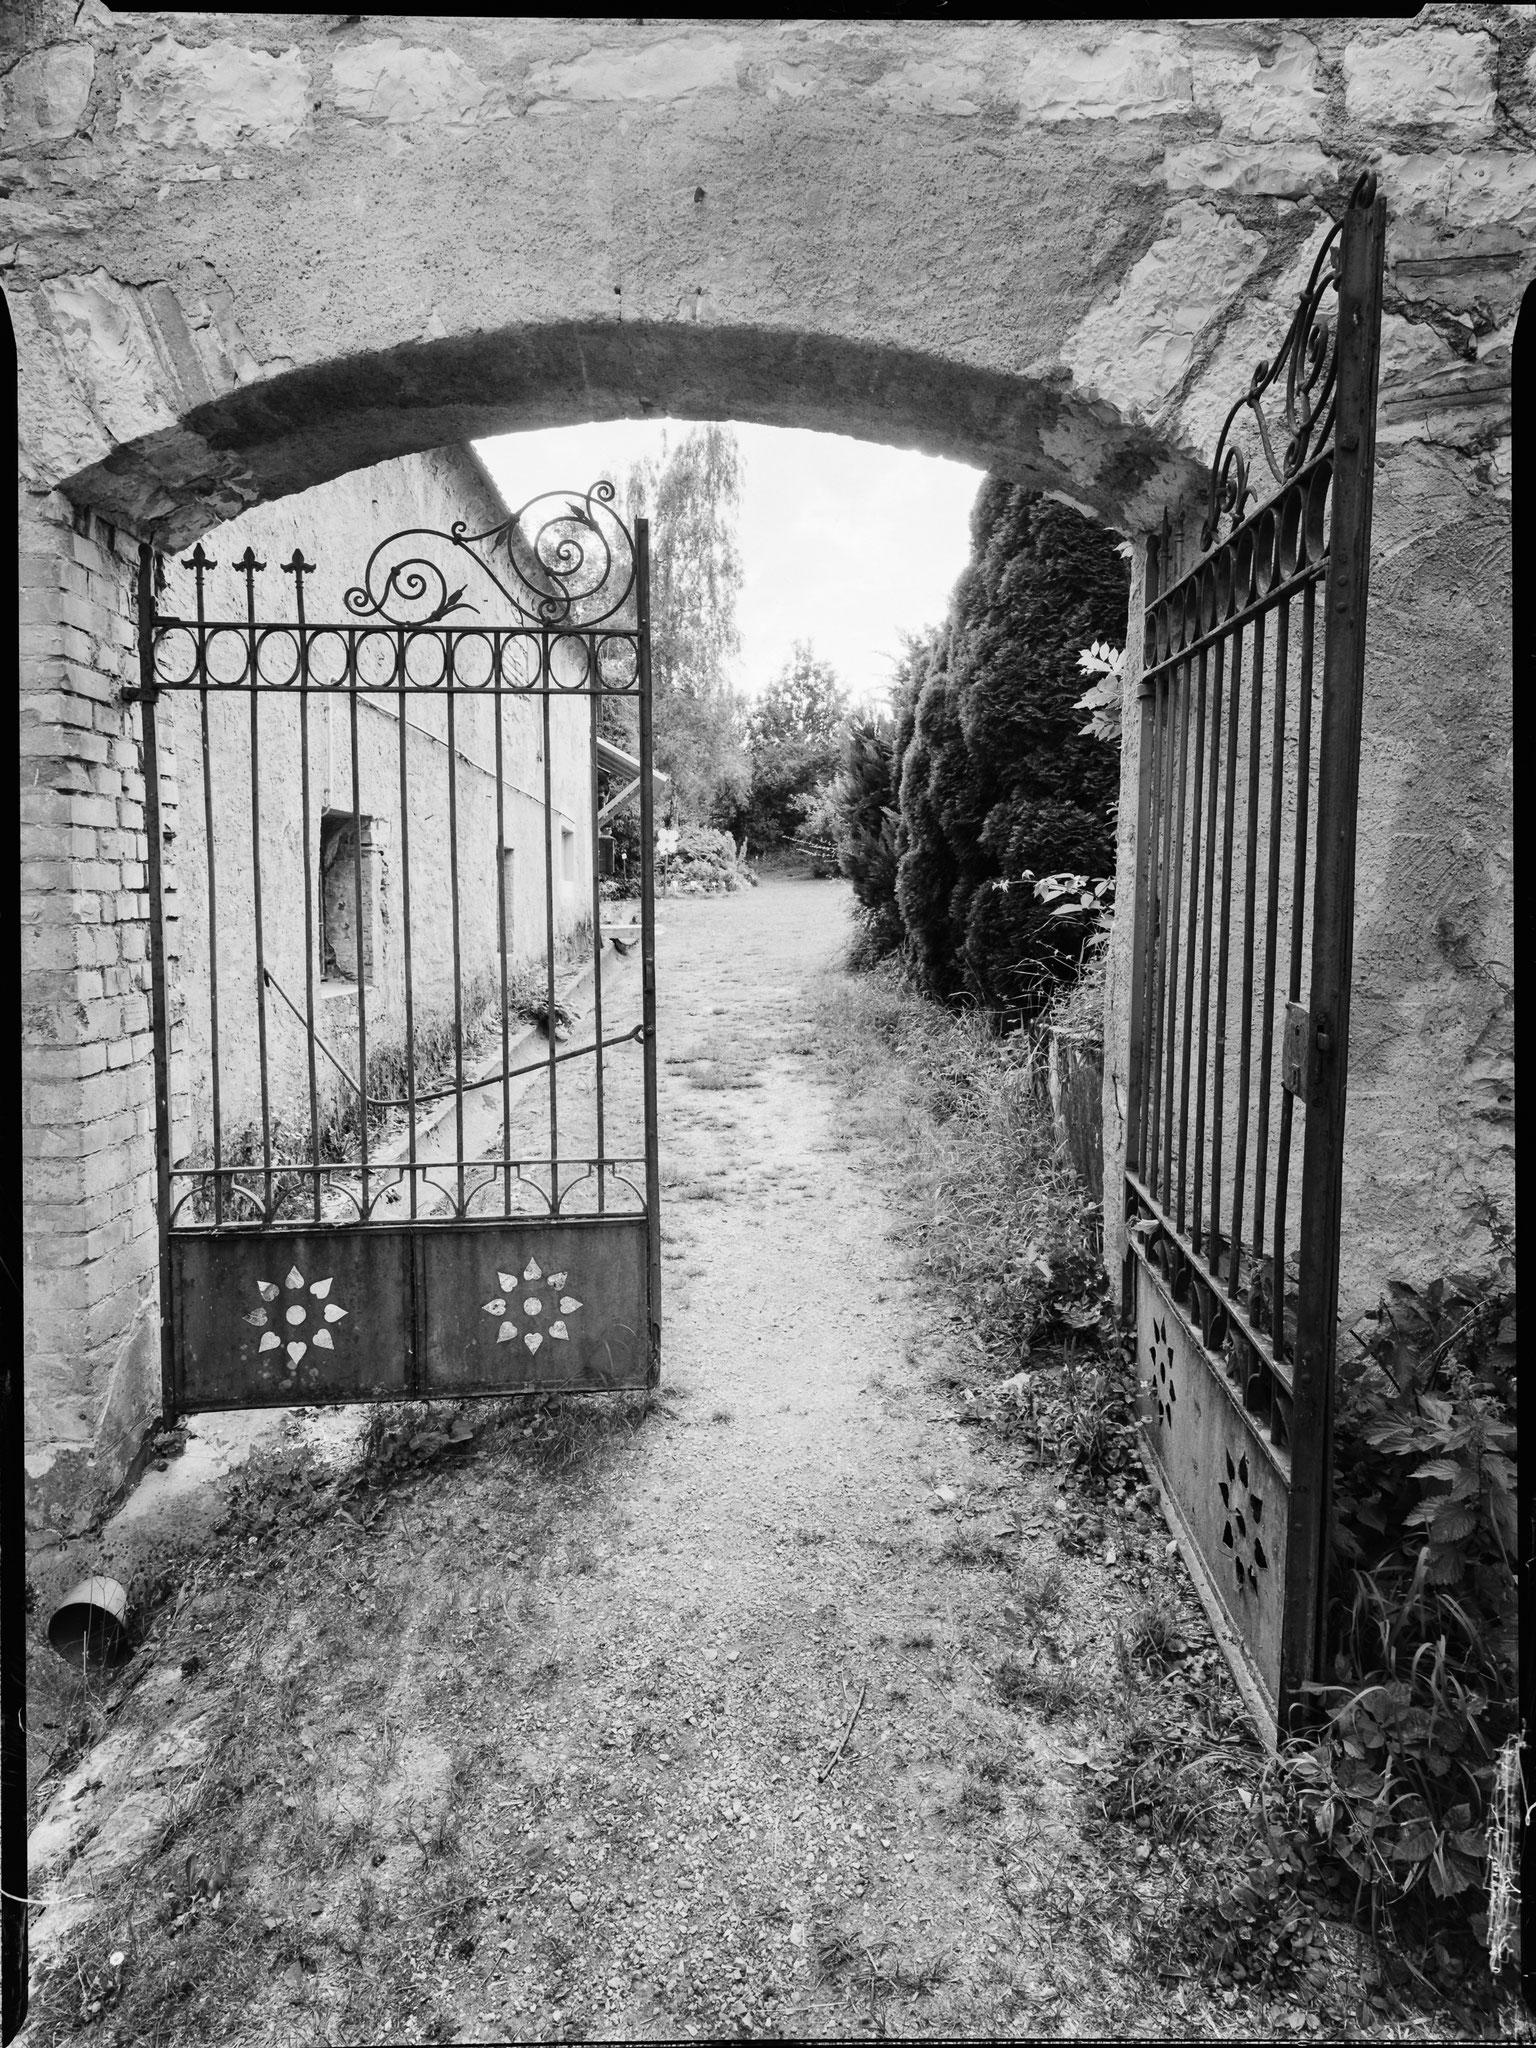 Babblfisch: Osteingang zum Klostergarten in Inzigkofen. Ergebnis des 1. Einsatzes des Reprostativs von Vielpixel